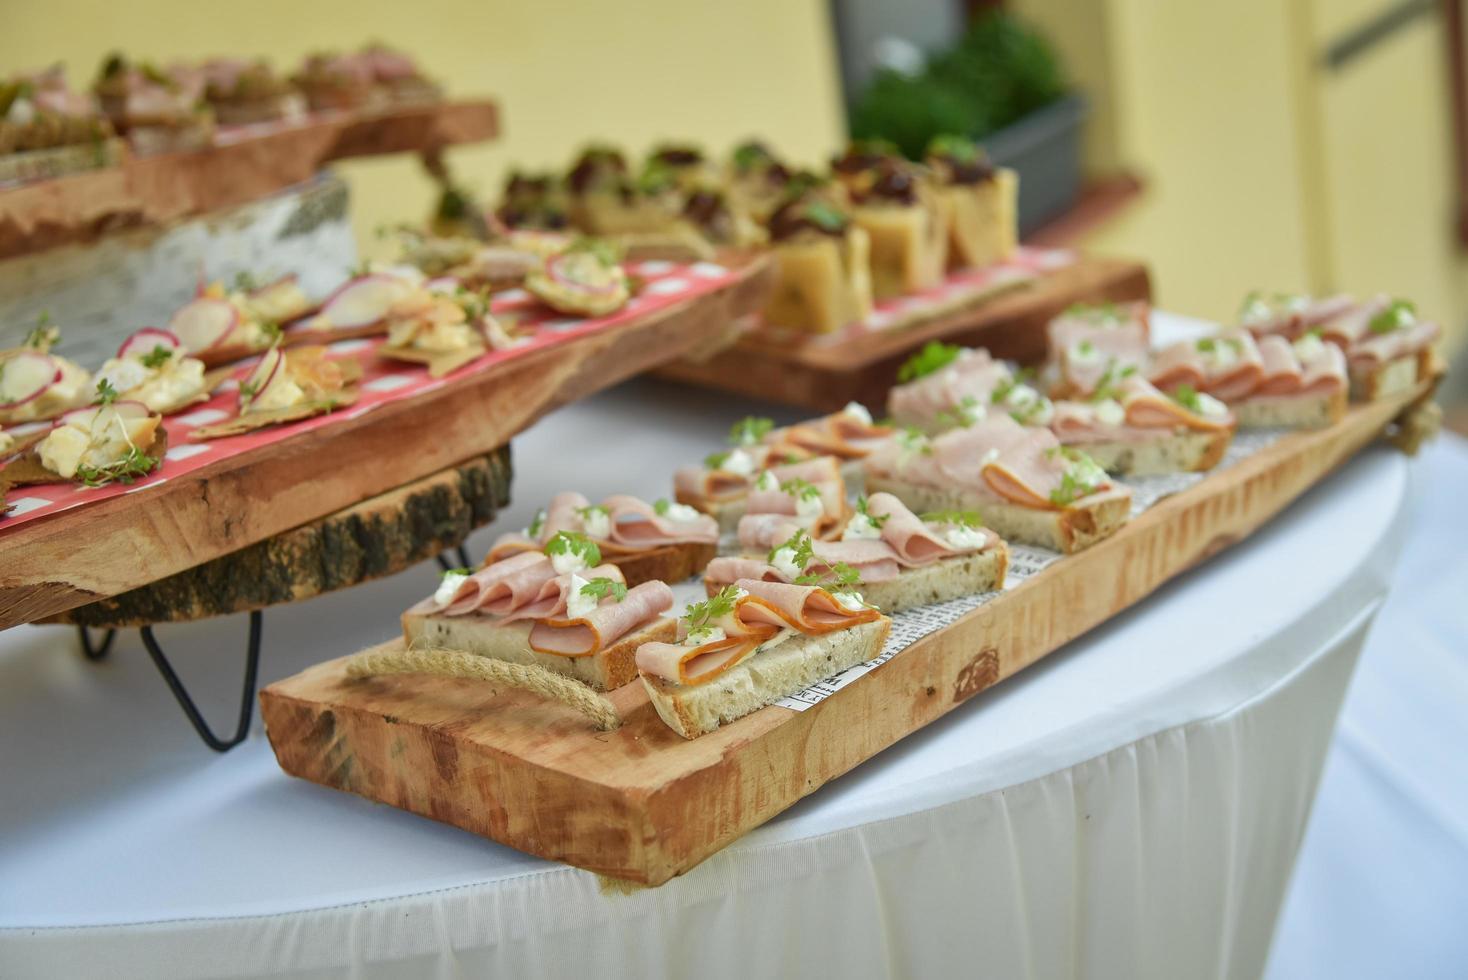 mini-kanapéer på serveringsbrädor foto